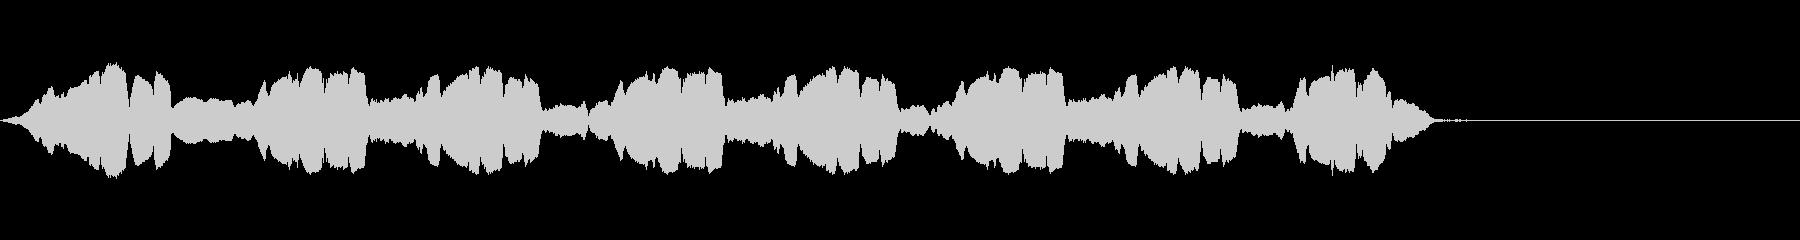 フルート:クイックウォーズ、カート...の未再生の波形